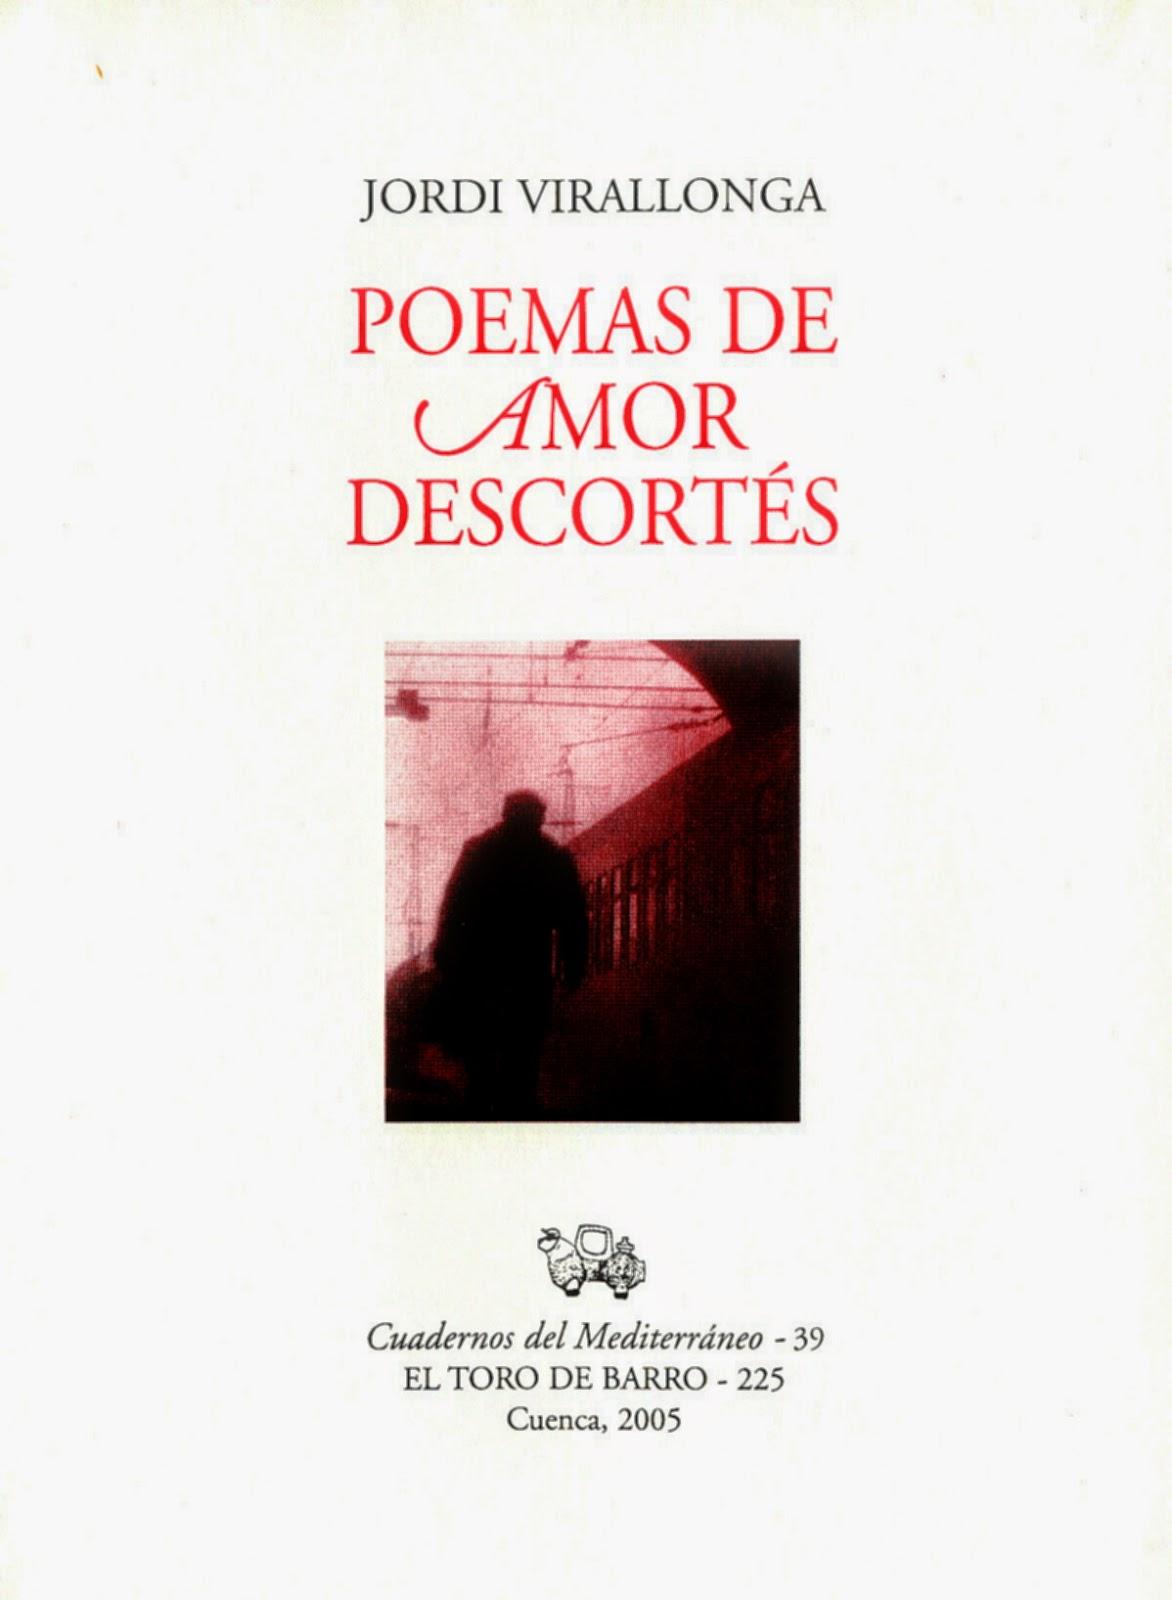 """Jordi Virallonga, """"Poemas de amor descortes"""", Col. Cuadernos del Mediterráneo, Ed. El Toro de Barro, Tarancón de Cuenca 2005"""